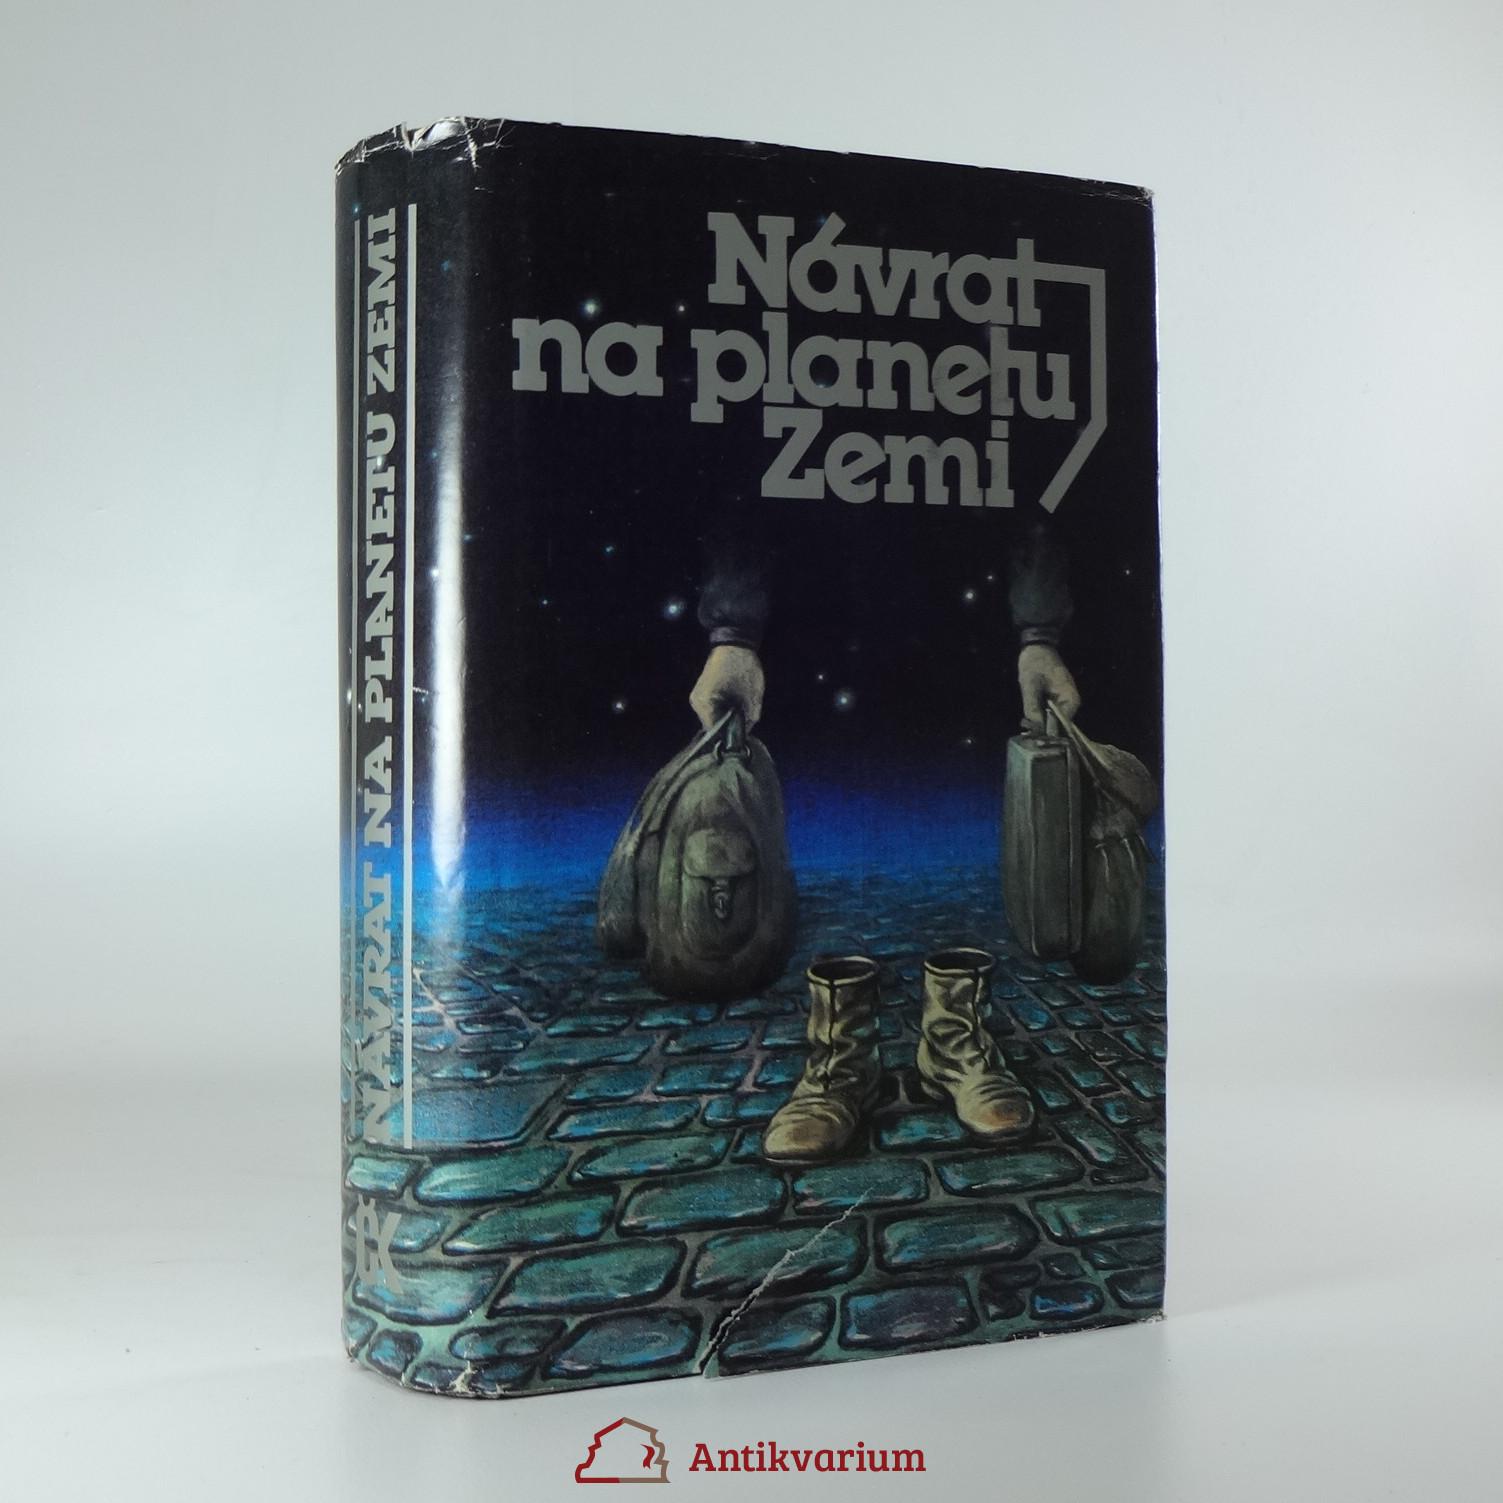 antikvární kniha Návrat na planetu Zemi, 1985